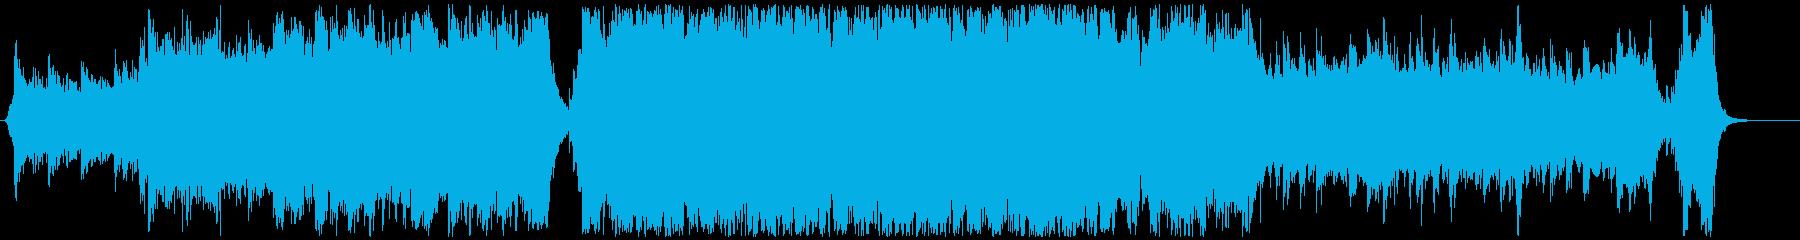 ハリウッド映画風の壮大なオーケストラ2Cの再生済みの波形